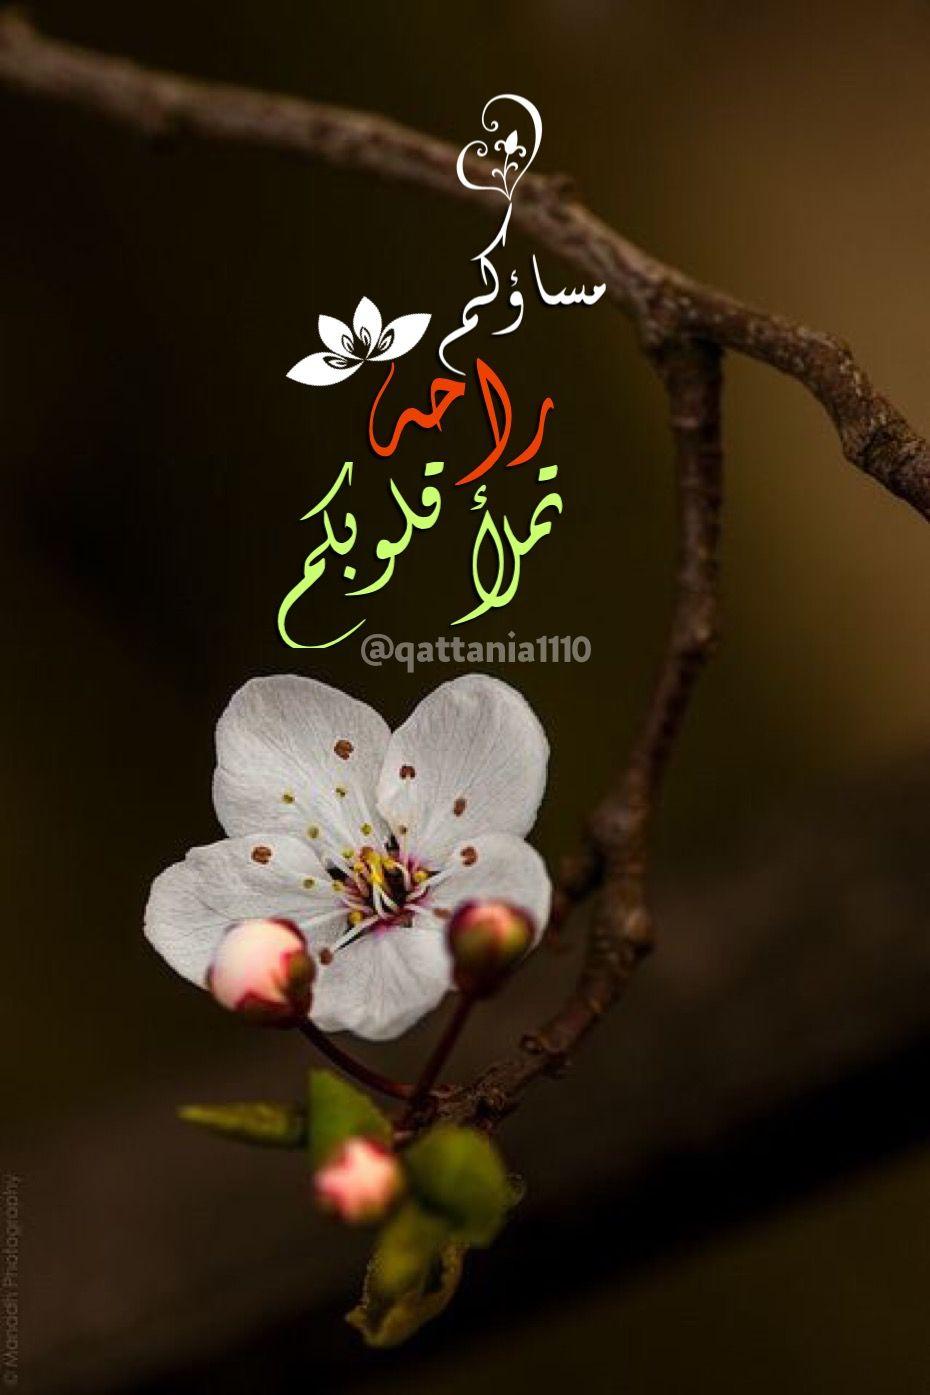 مساؤكم راحة تملأ قلوبكم مساء الخيرات Beautiful Morning Messages Good Evening Wishes Evening Greetings